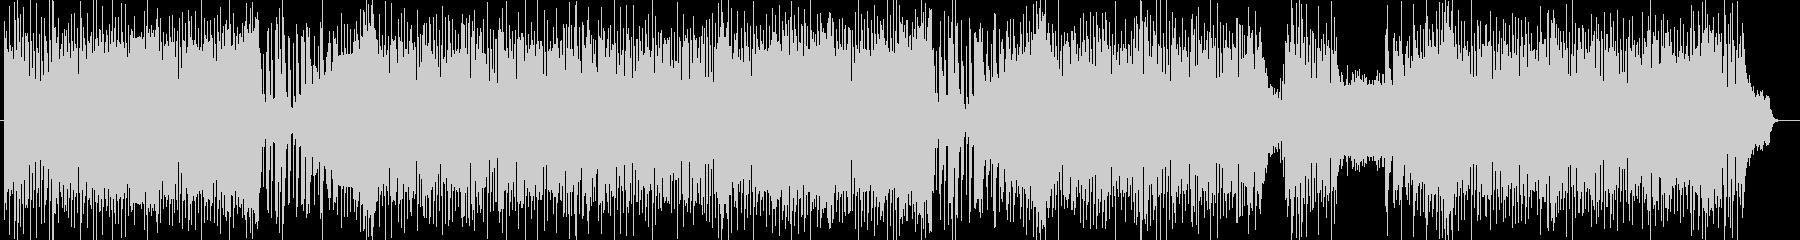 ストリングスによる軽快なポップスの未再生の波形